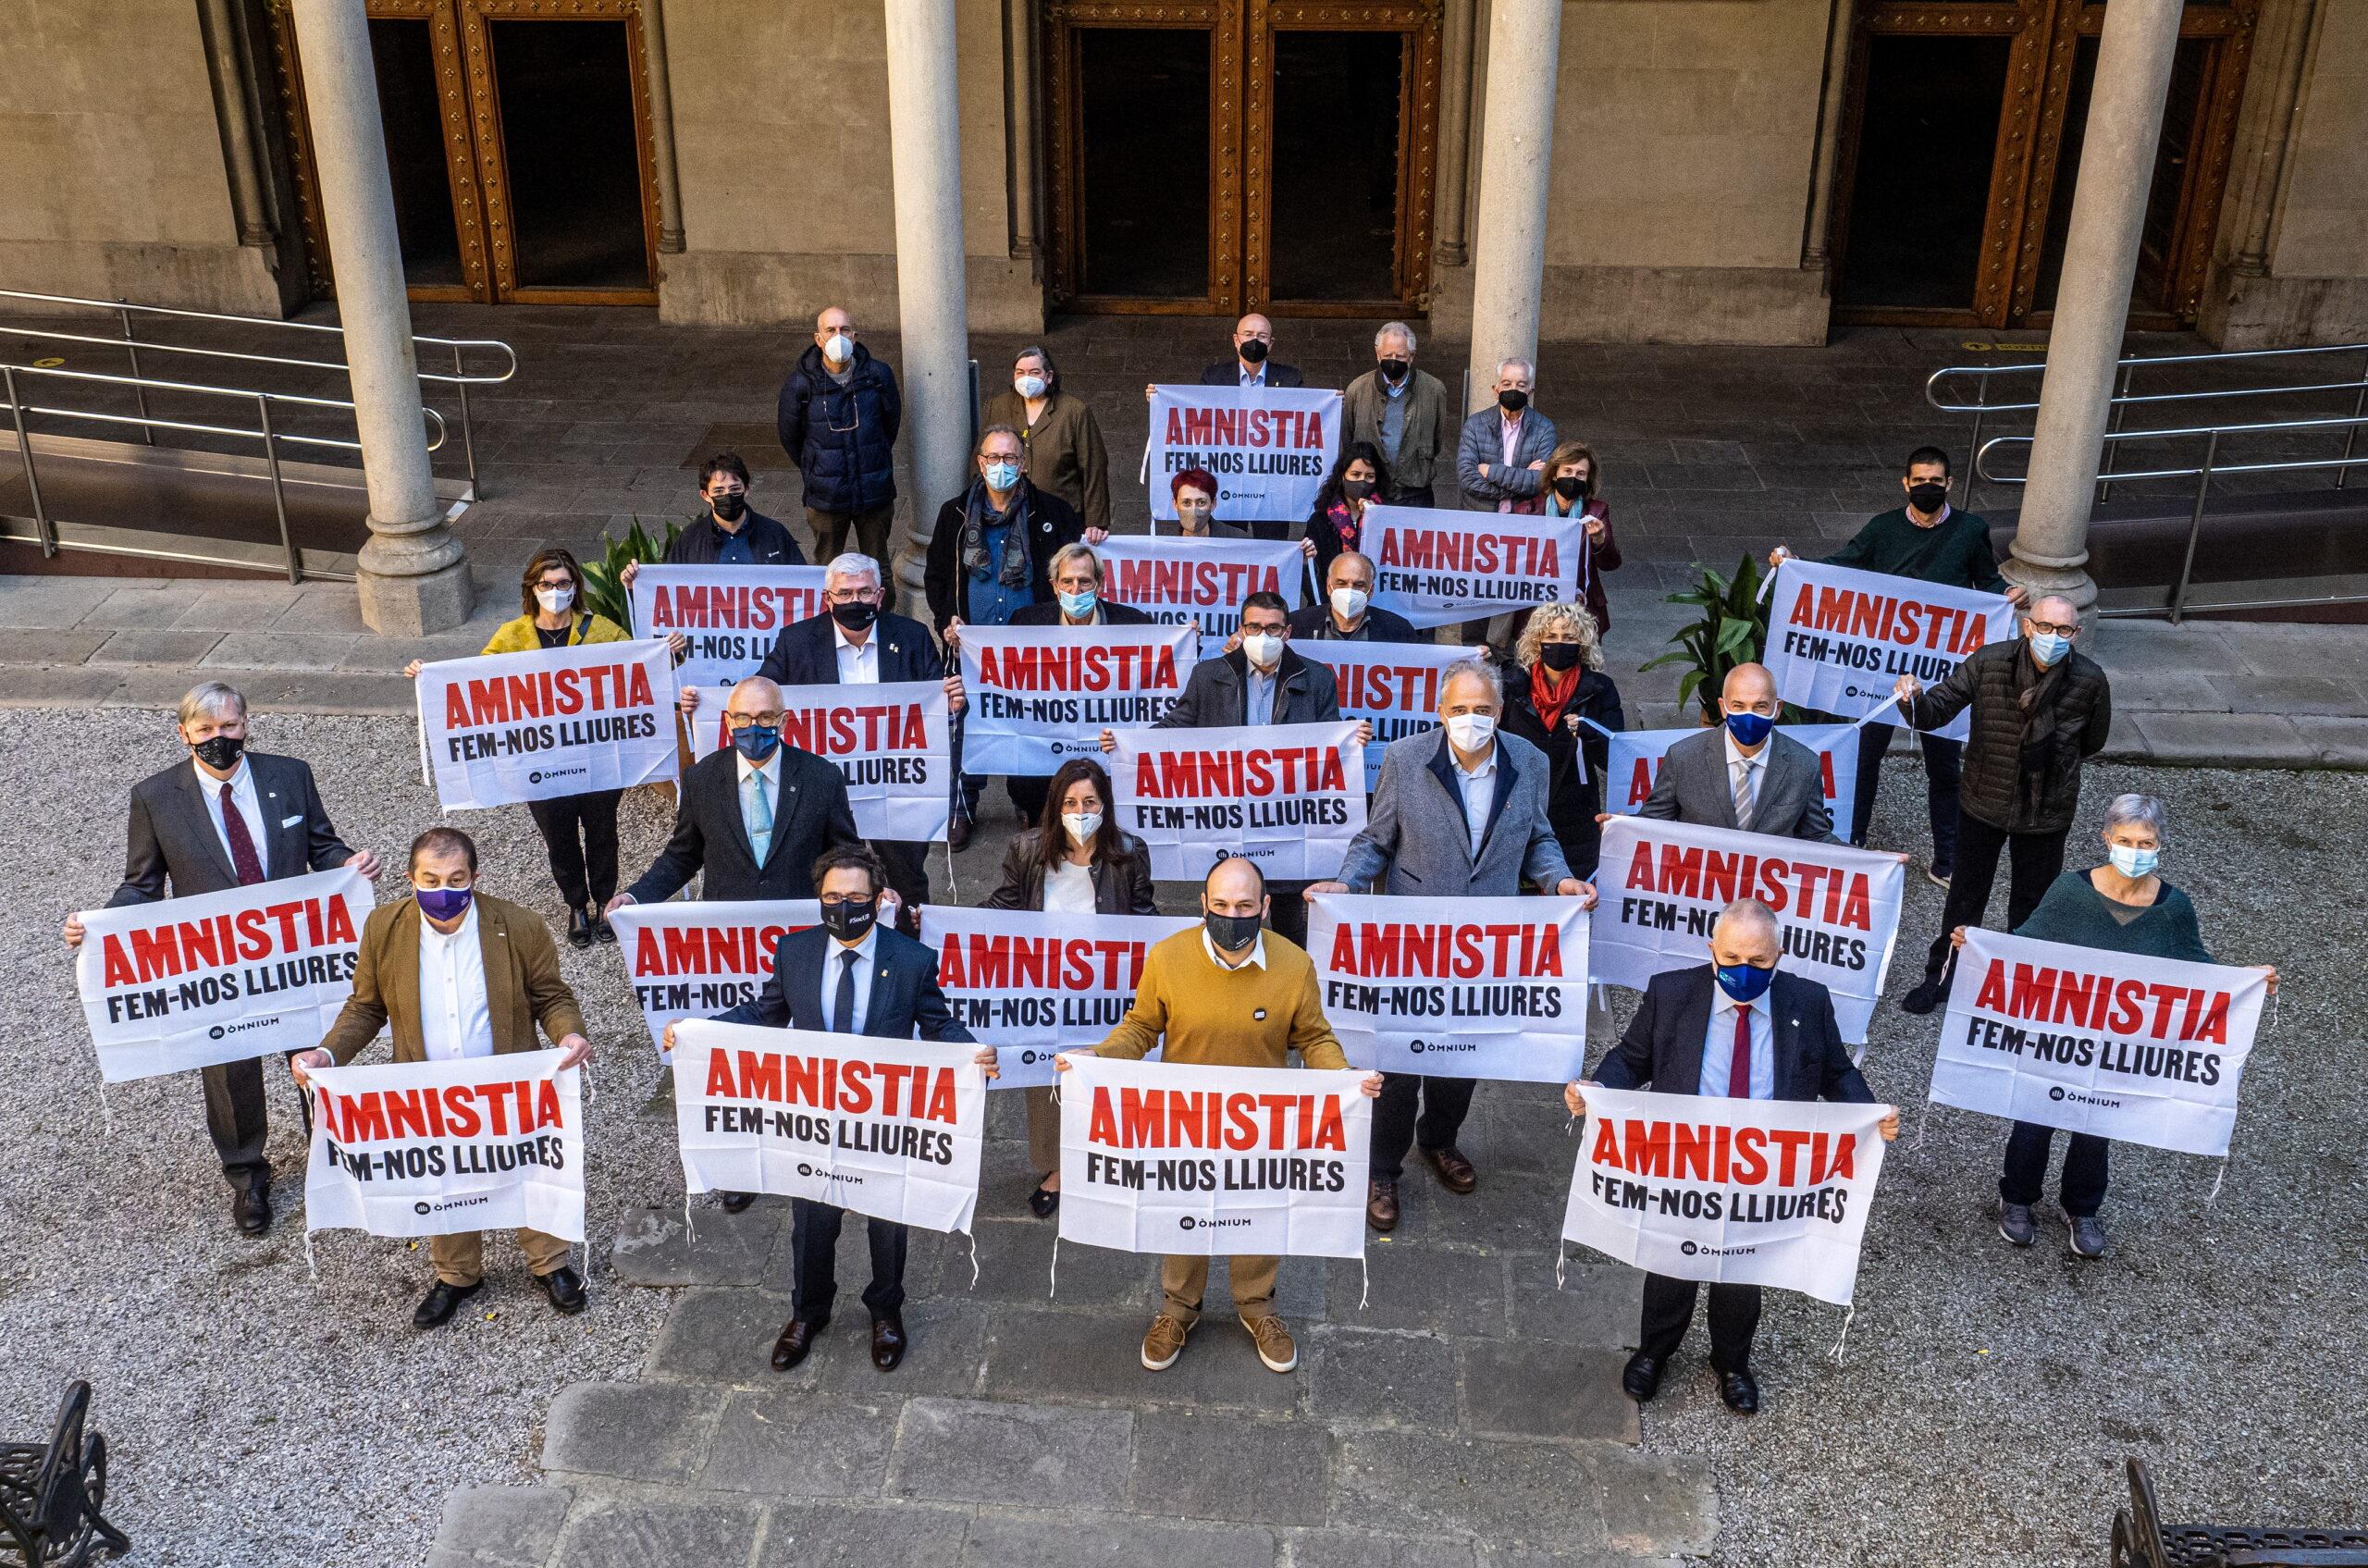 Universitats i acadèmics reclamen l'amnistia per als presos de l'1-O ACN